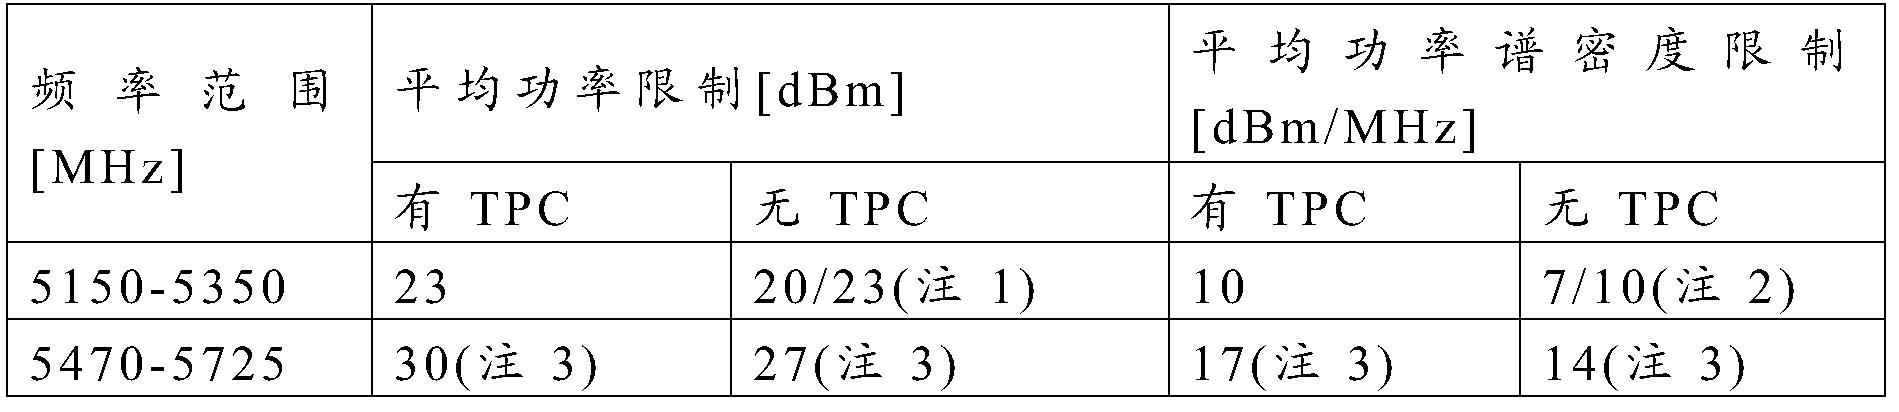 Figure PCTCN2017072693-appb-000025